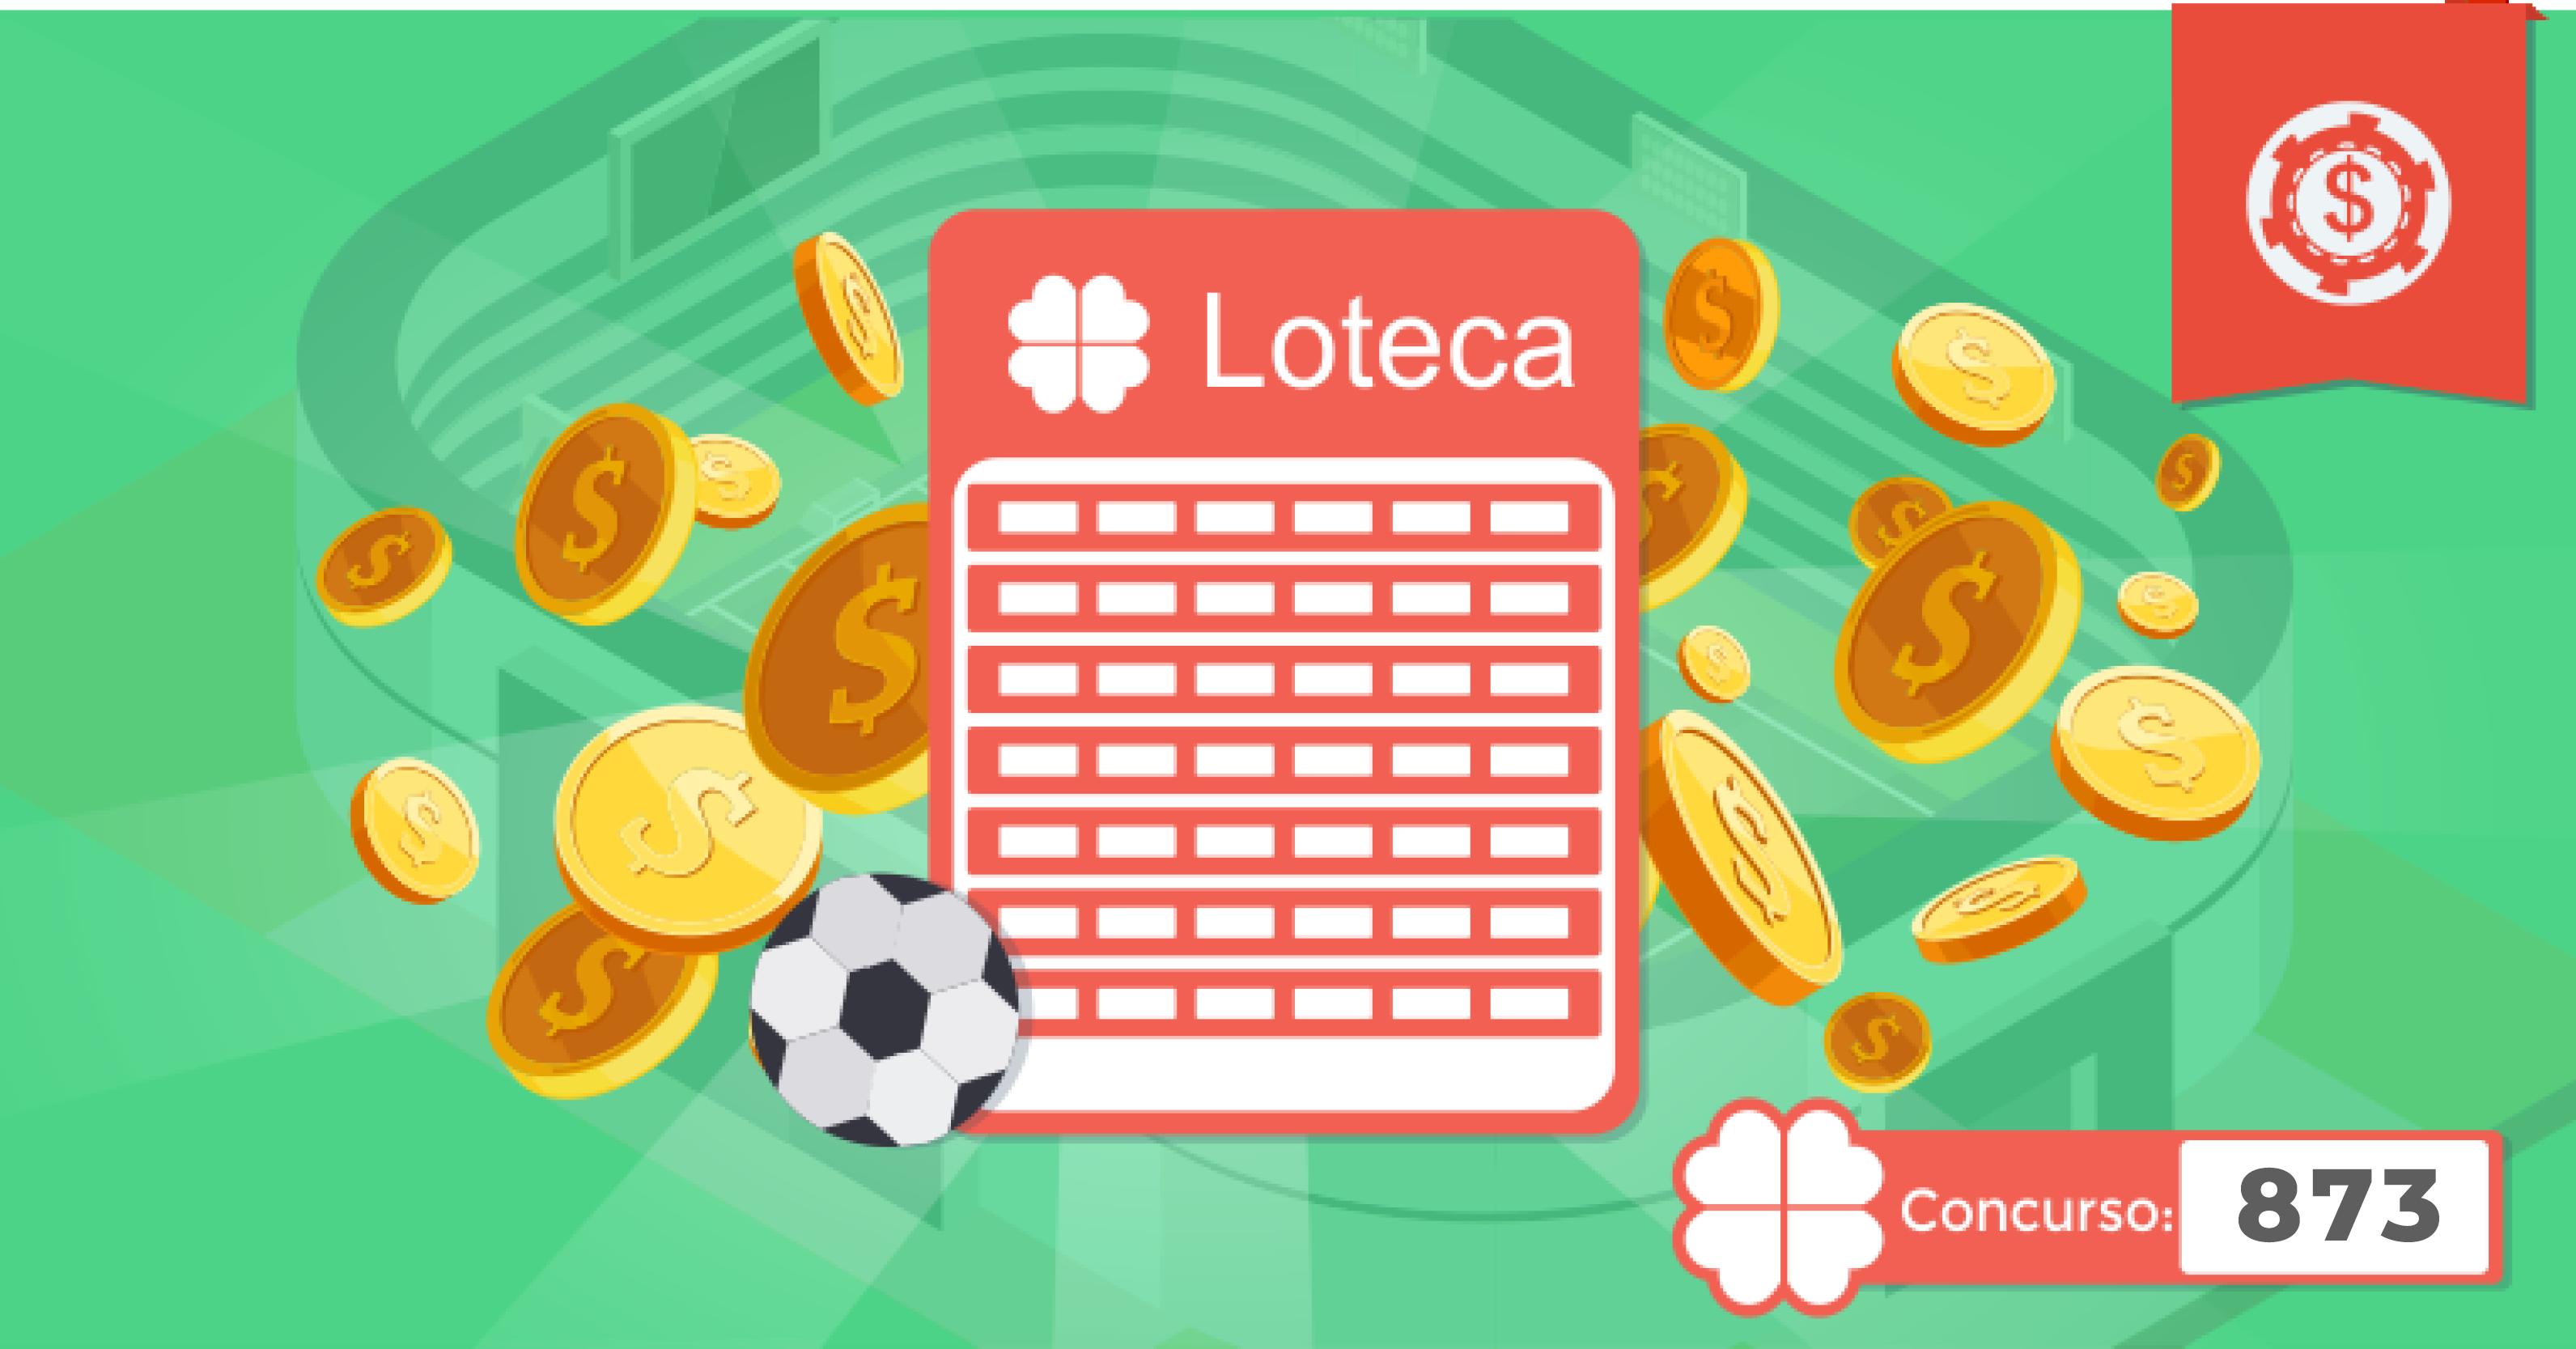 palpites-loteca-873-palpites-loteca-semana